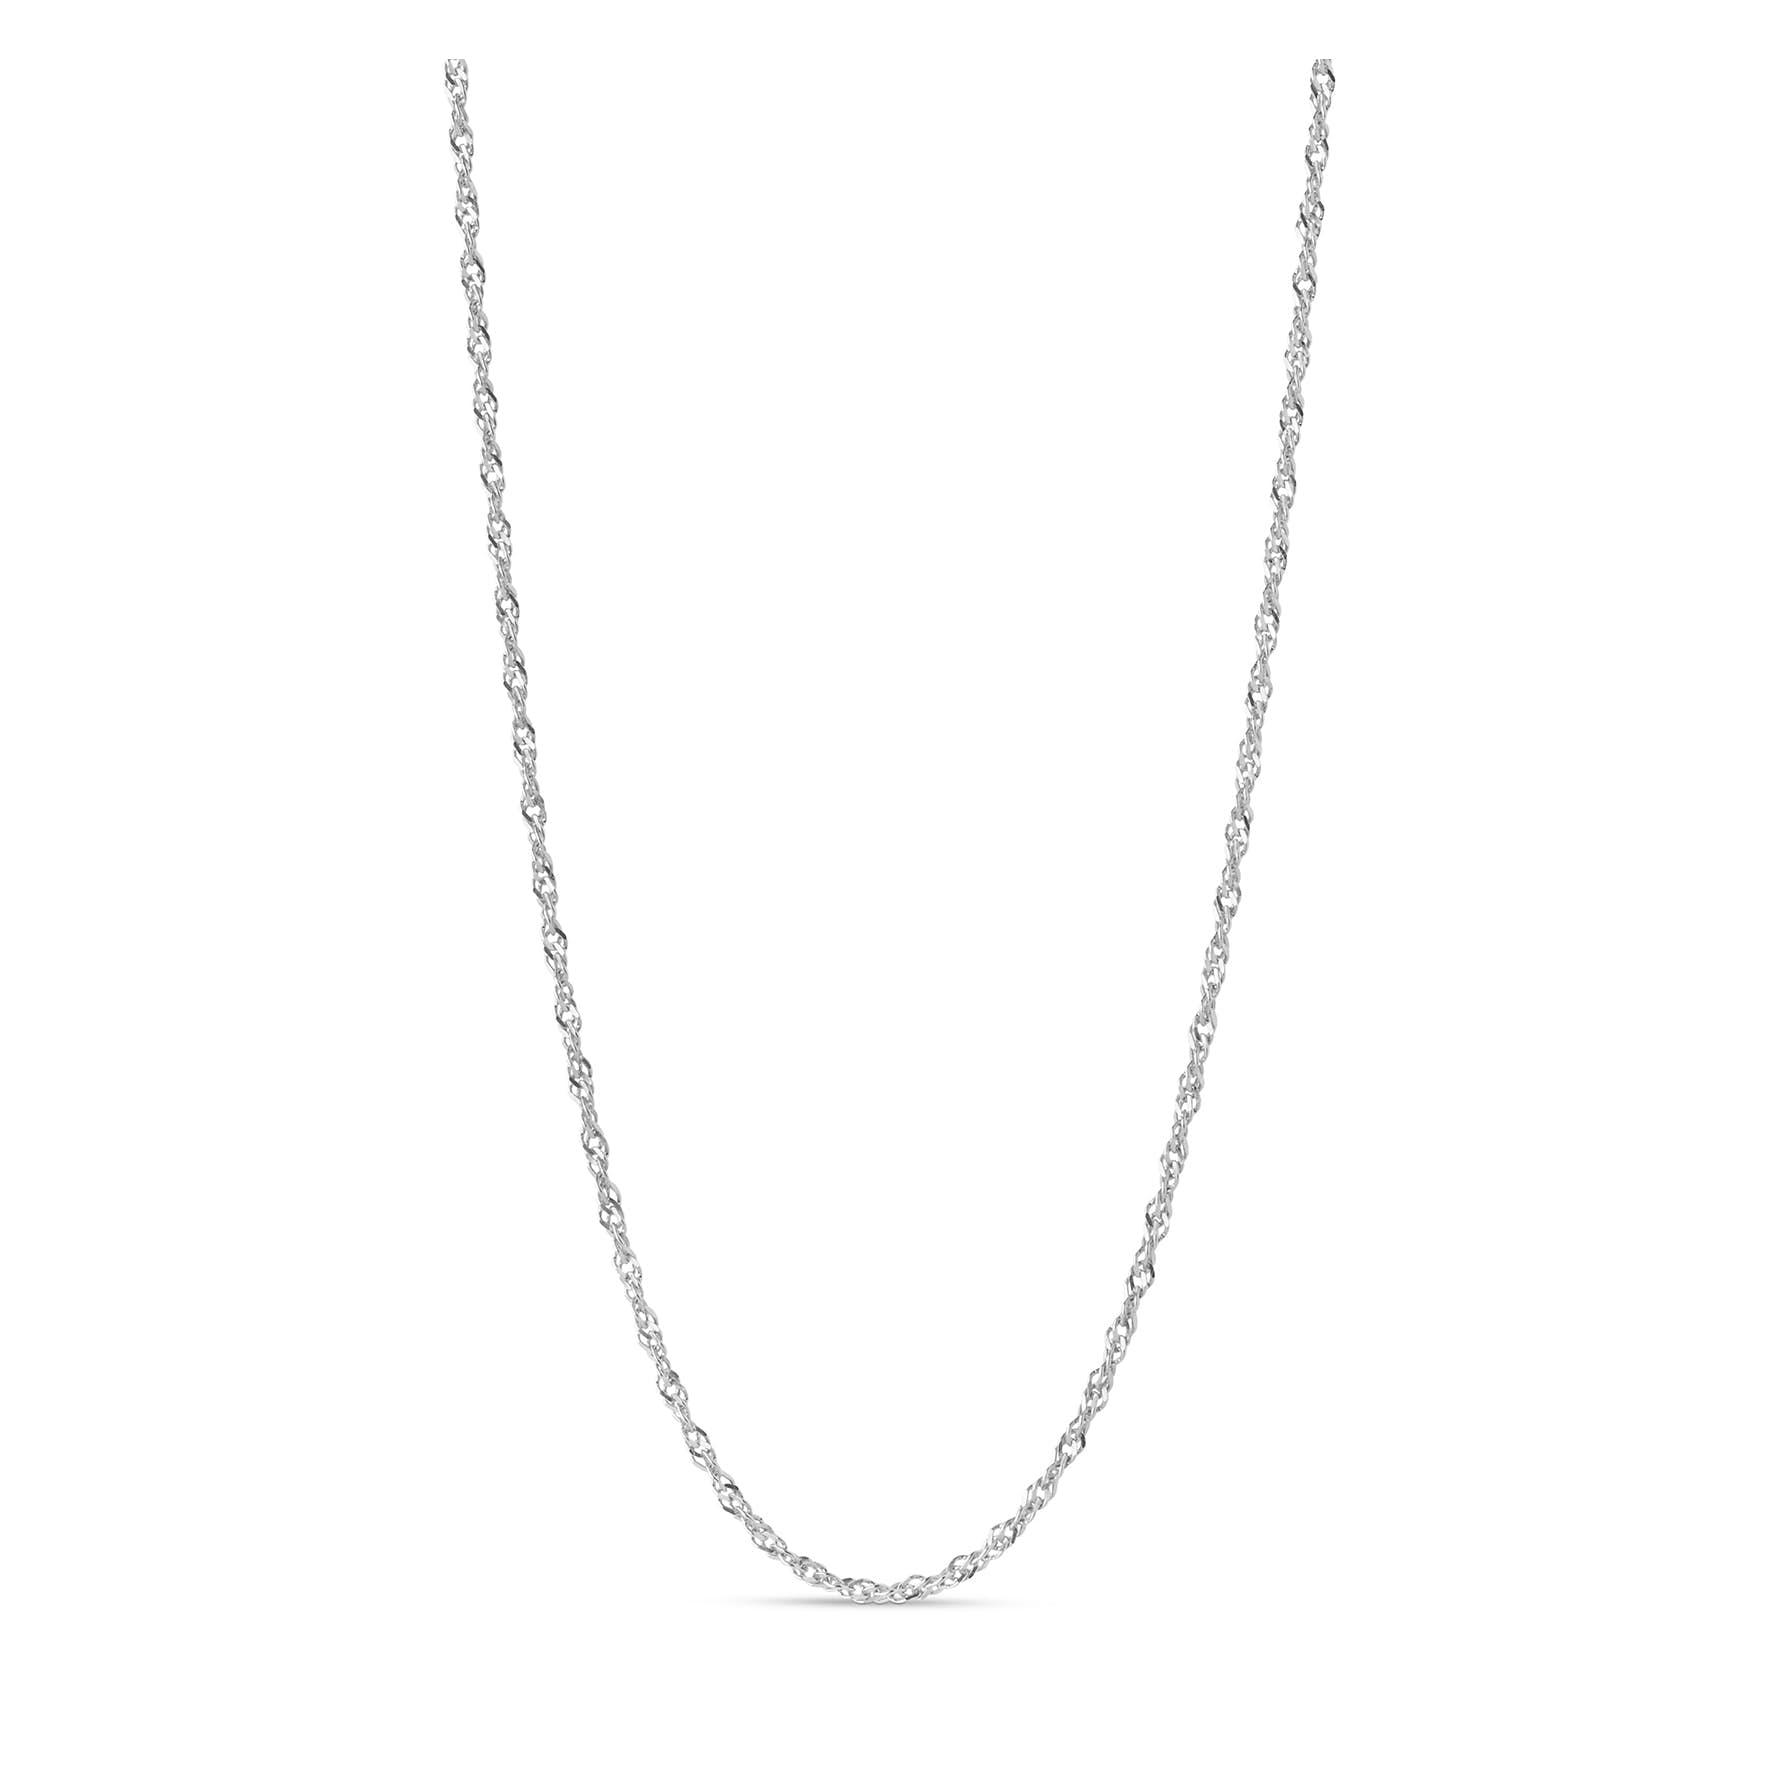 Paloma Necklace from Enamel Copenhagen in Silver Sterling 925